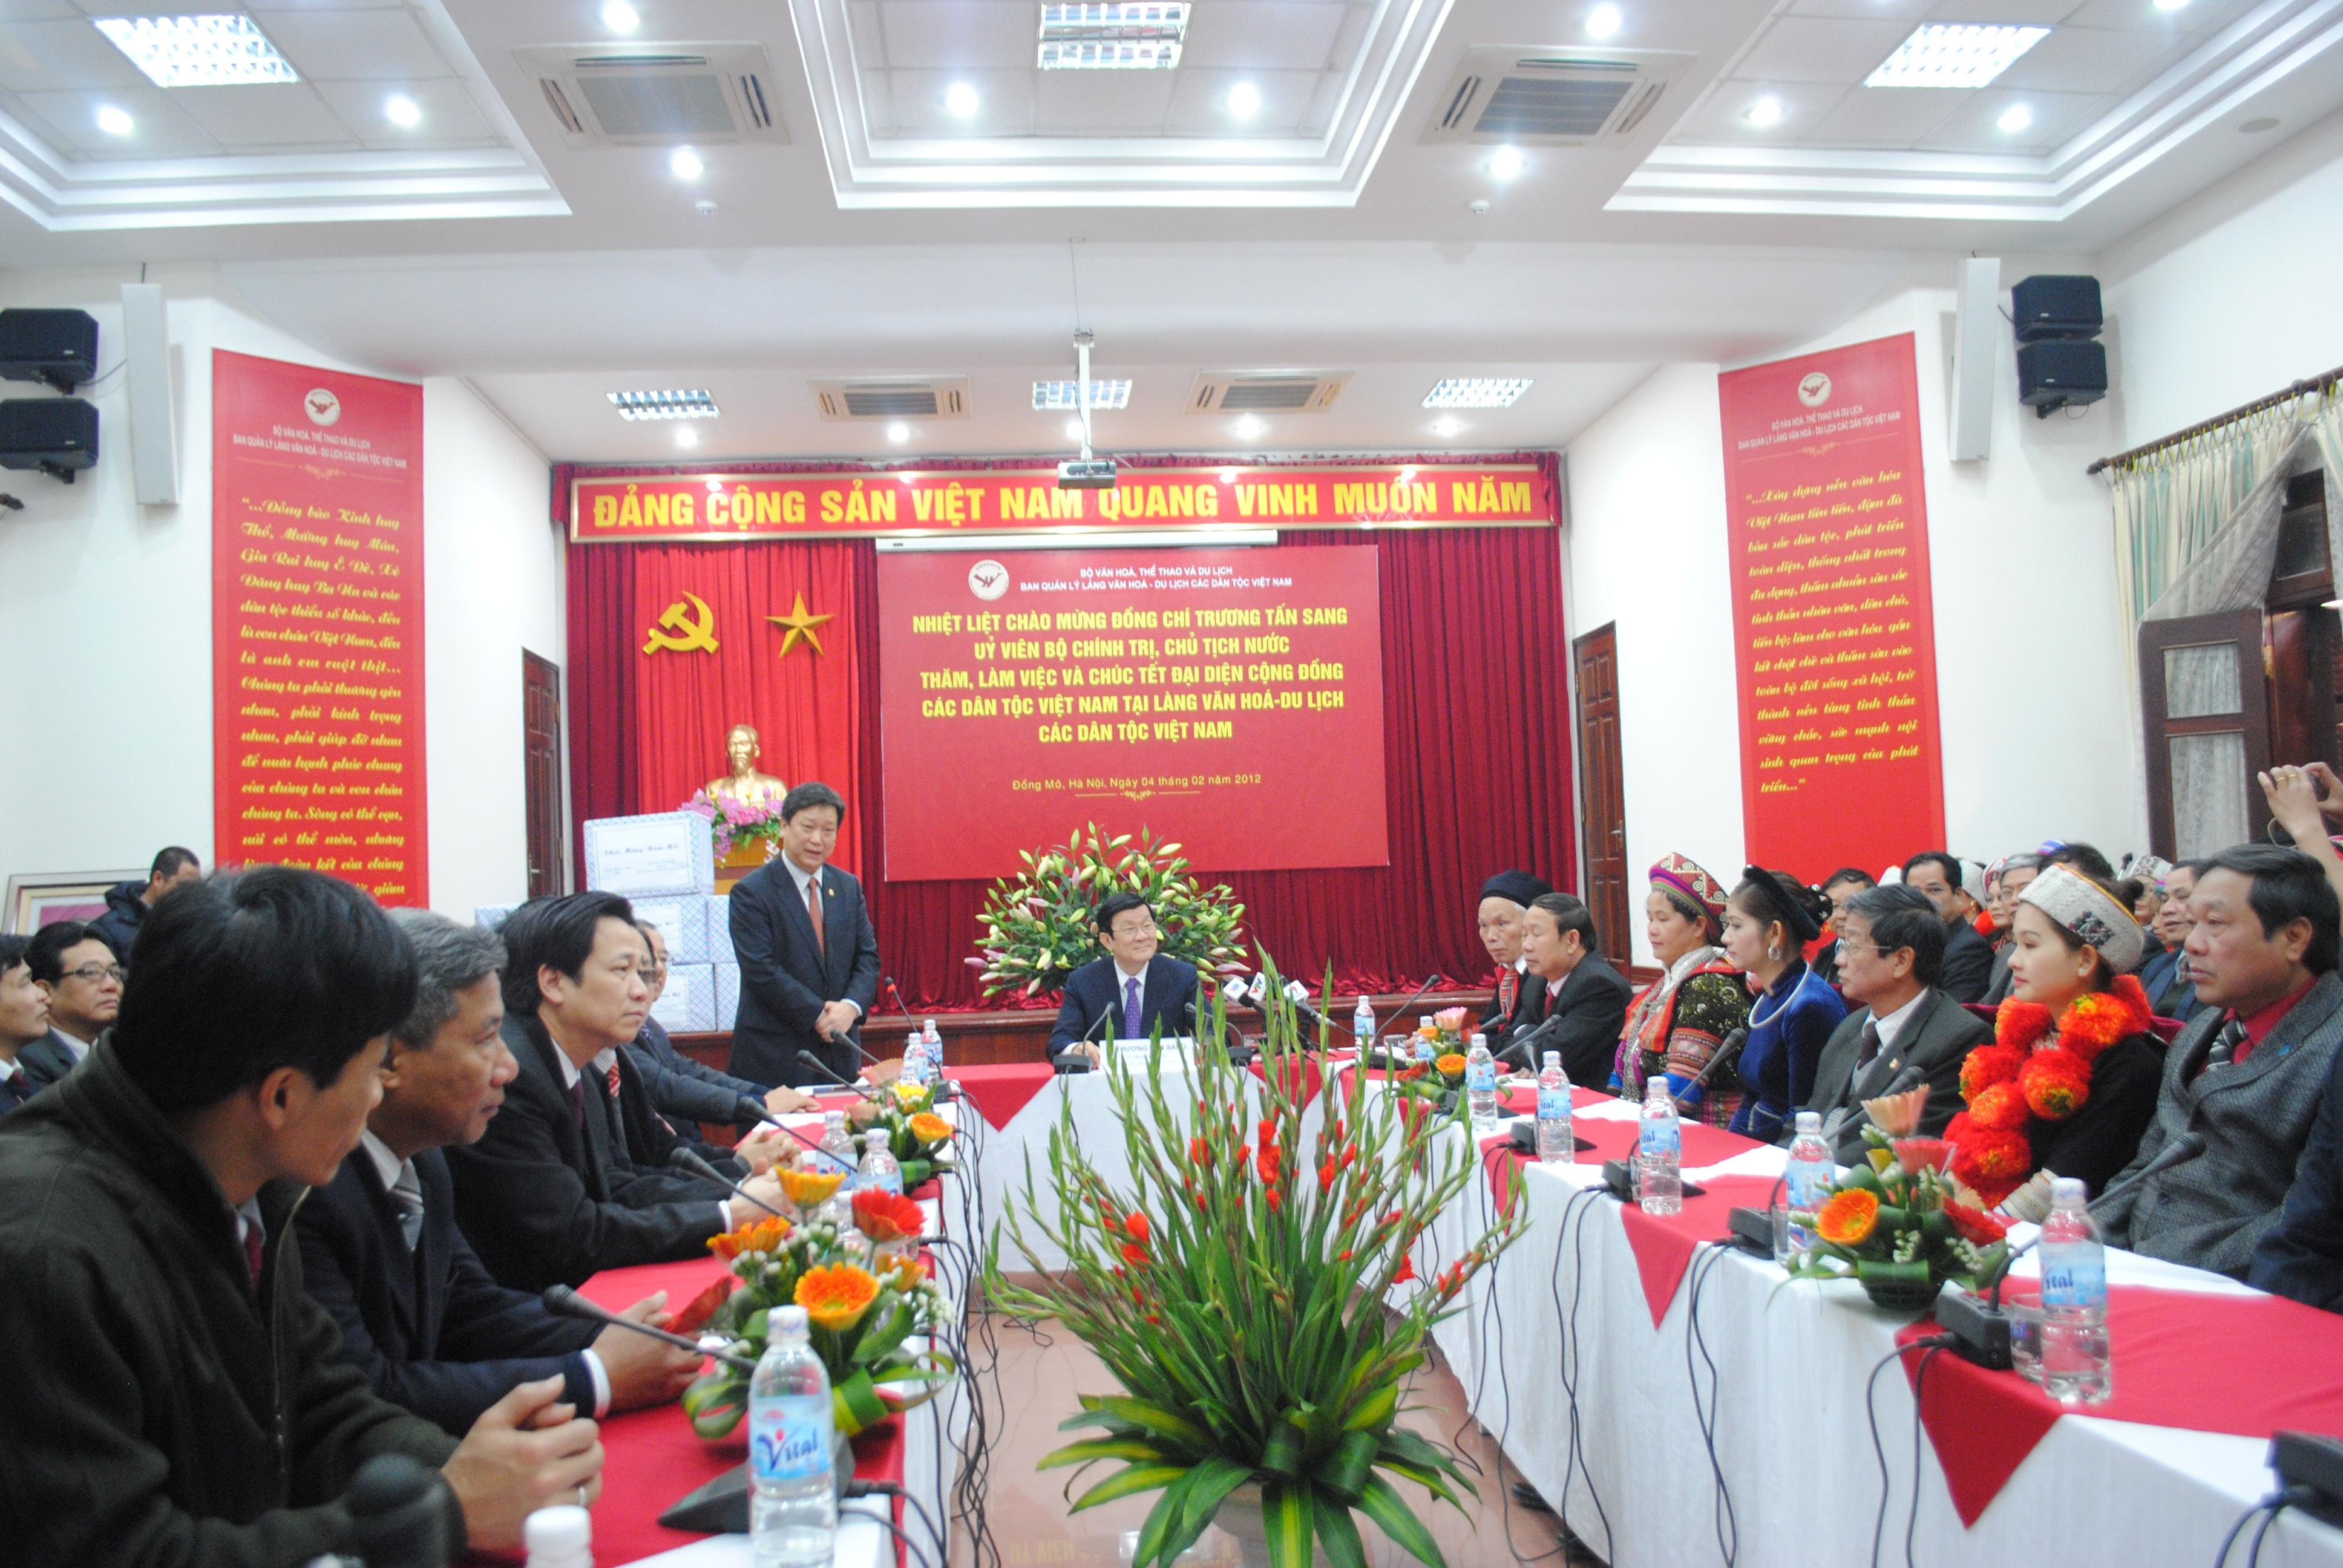 Chủ tịch nước nghe báo cáo kết quả hoạt động của Ban Quản lý Làng Văn hóa - Du lịch các dân tộc Việt Nam